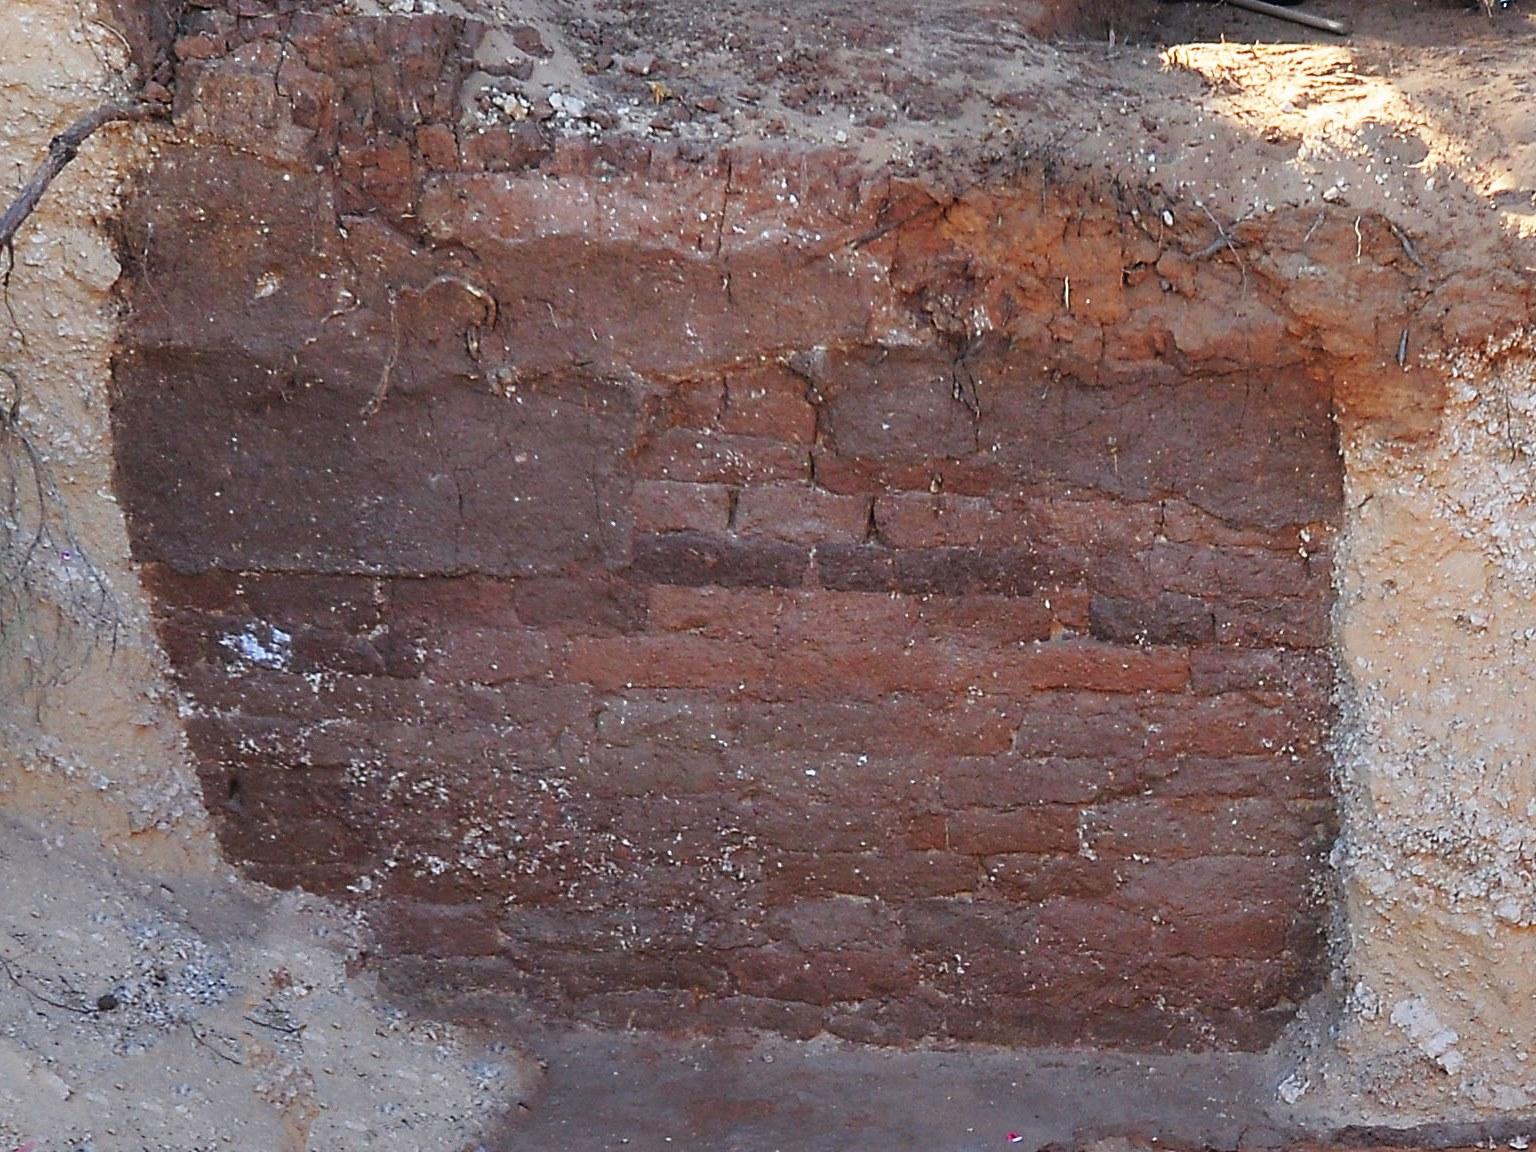 Image: Brick wall